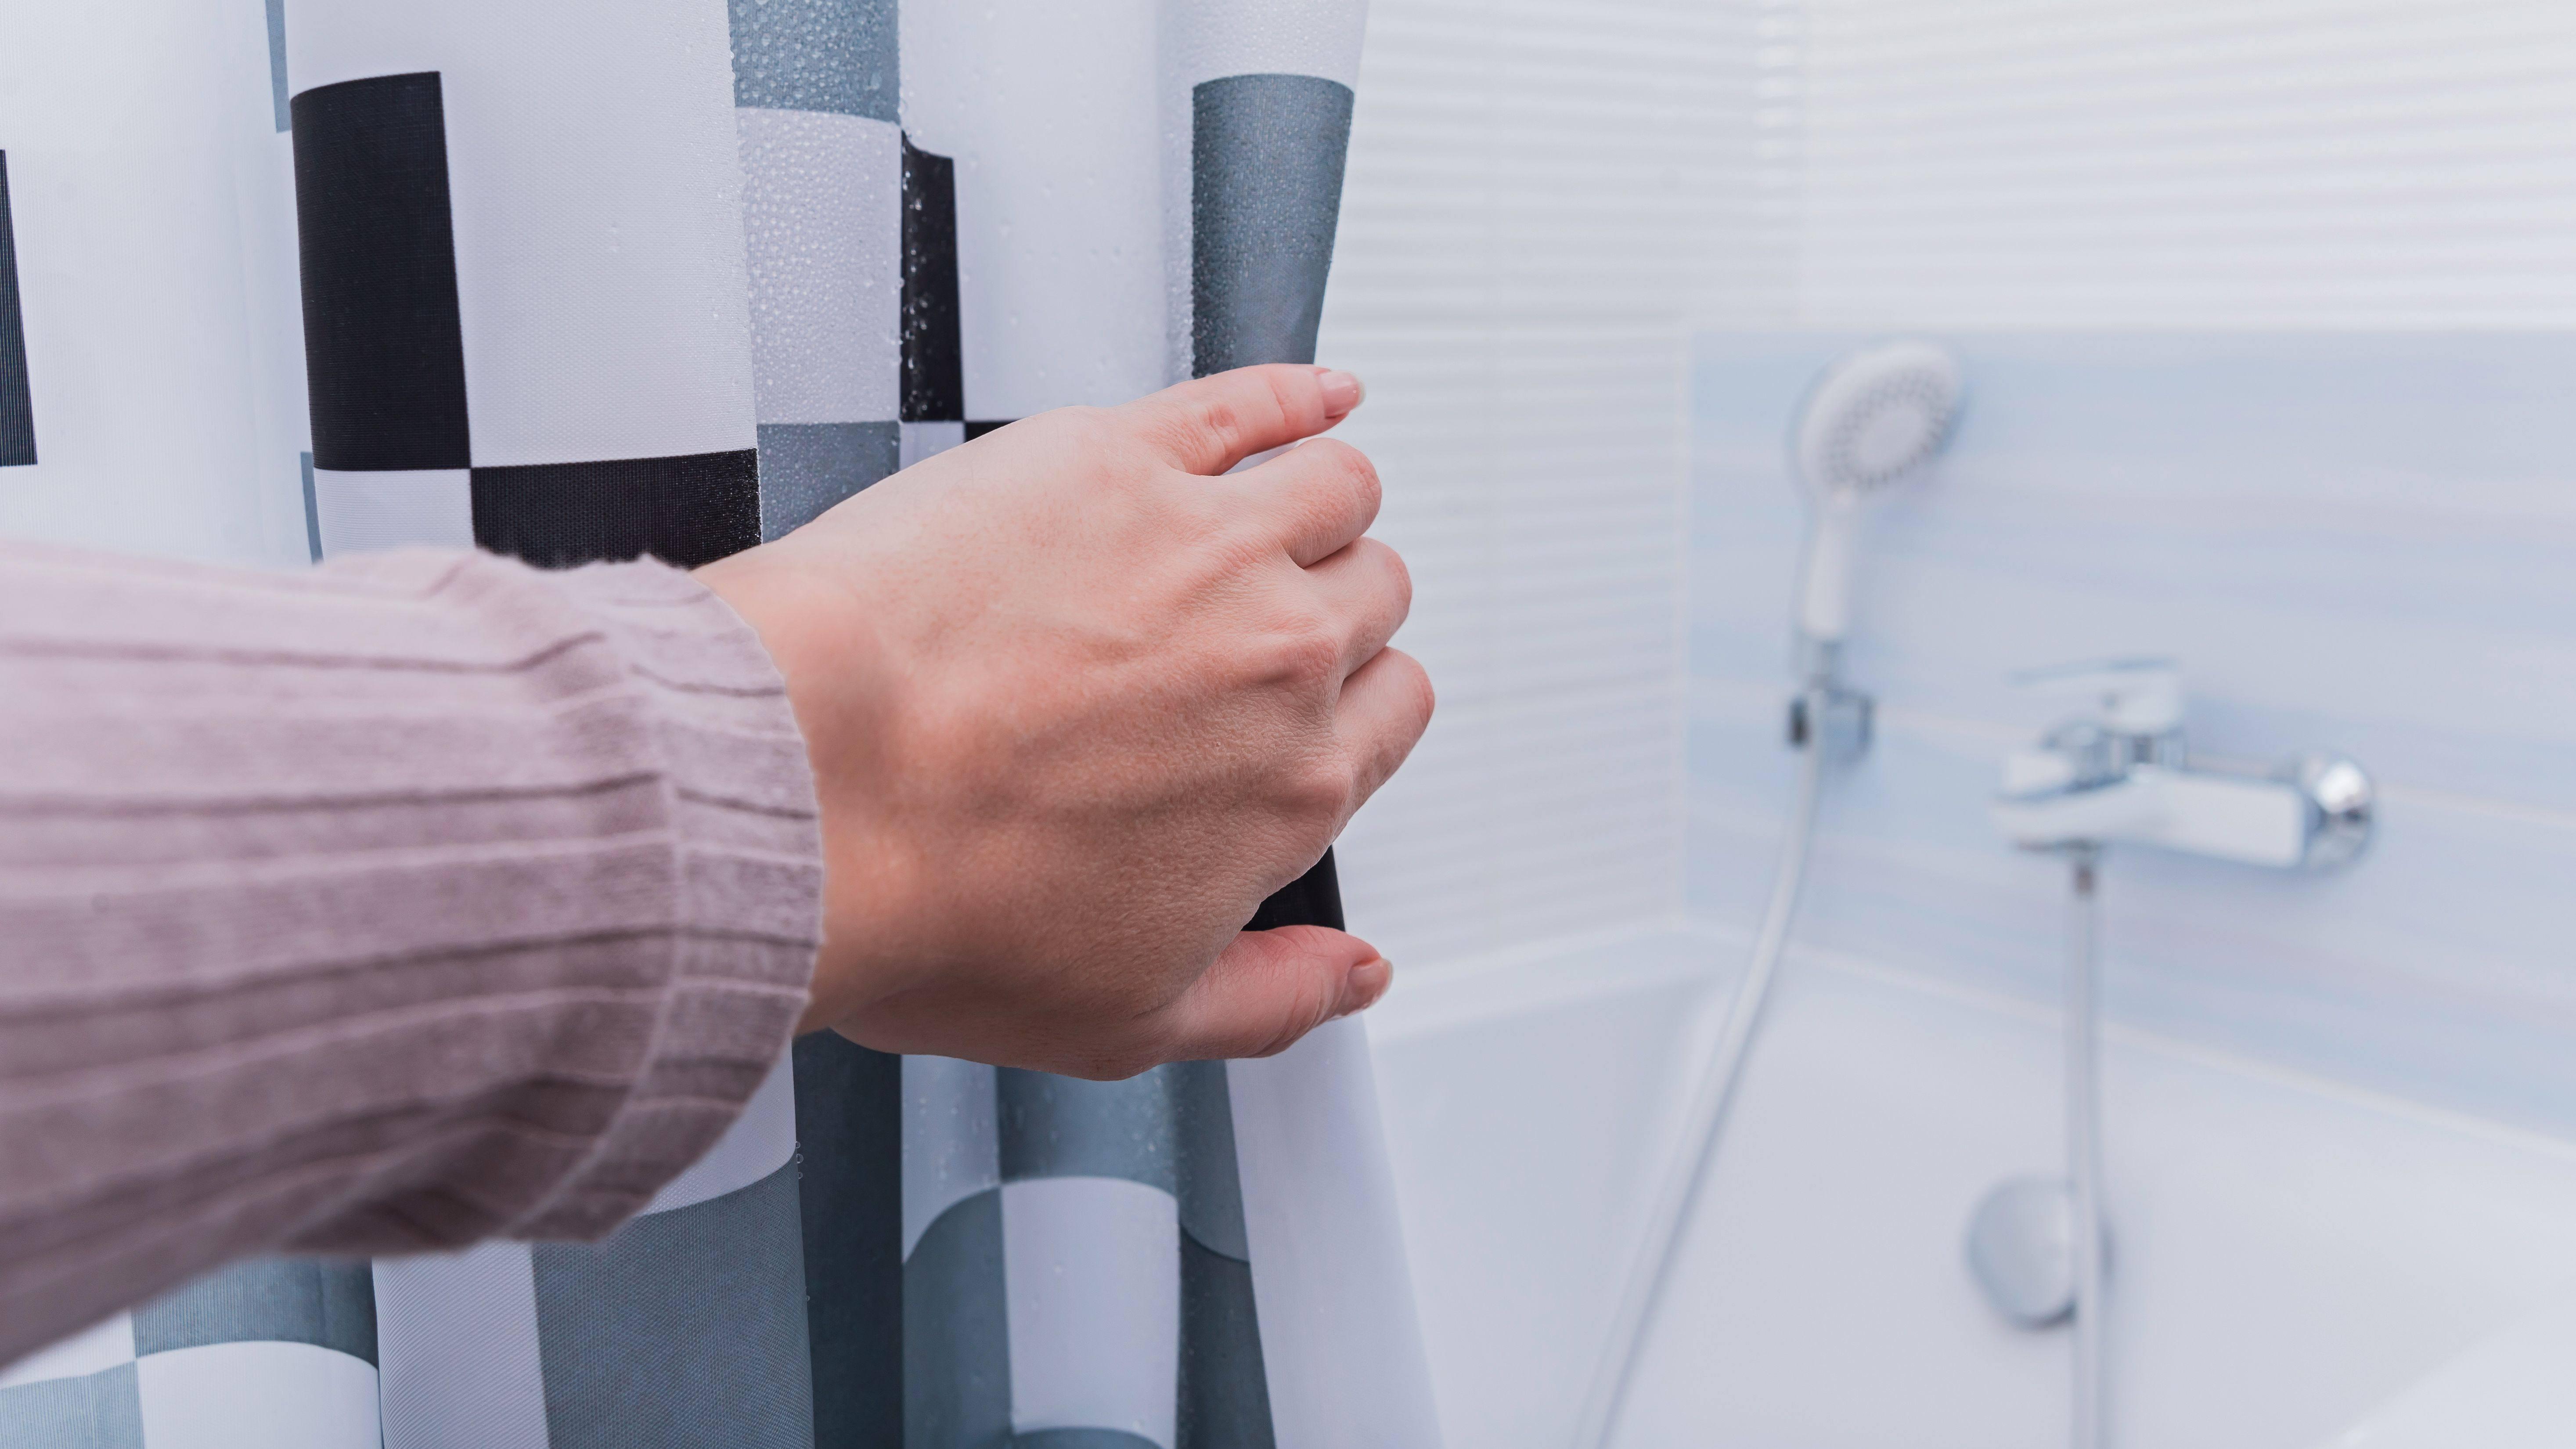 Come scegliere la tenda della doccia